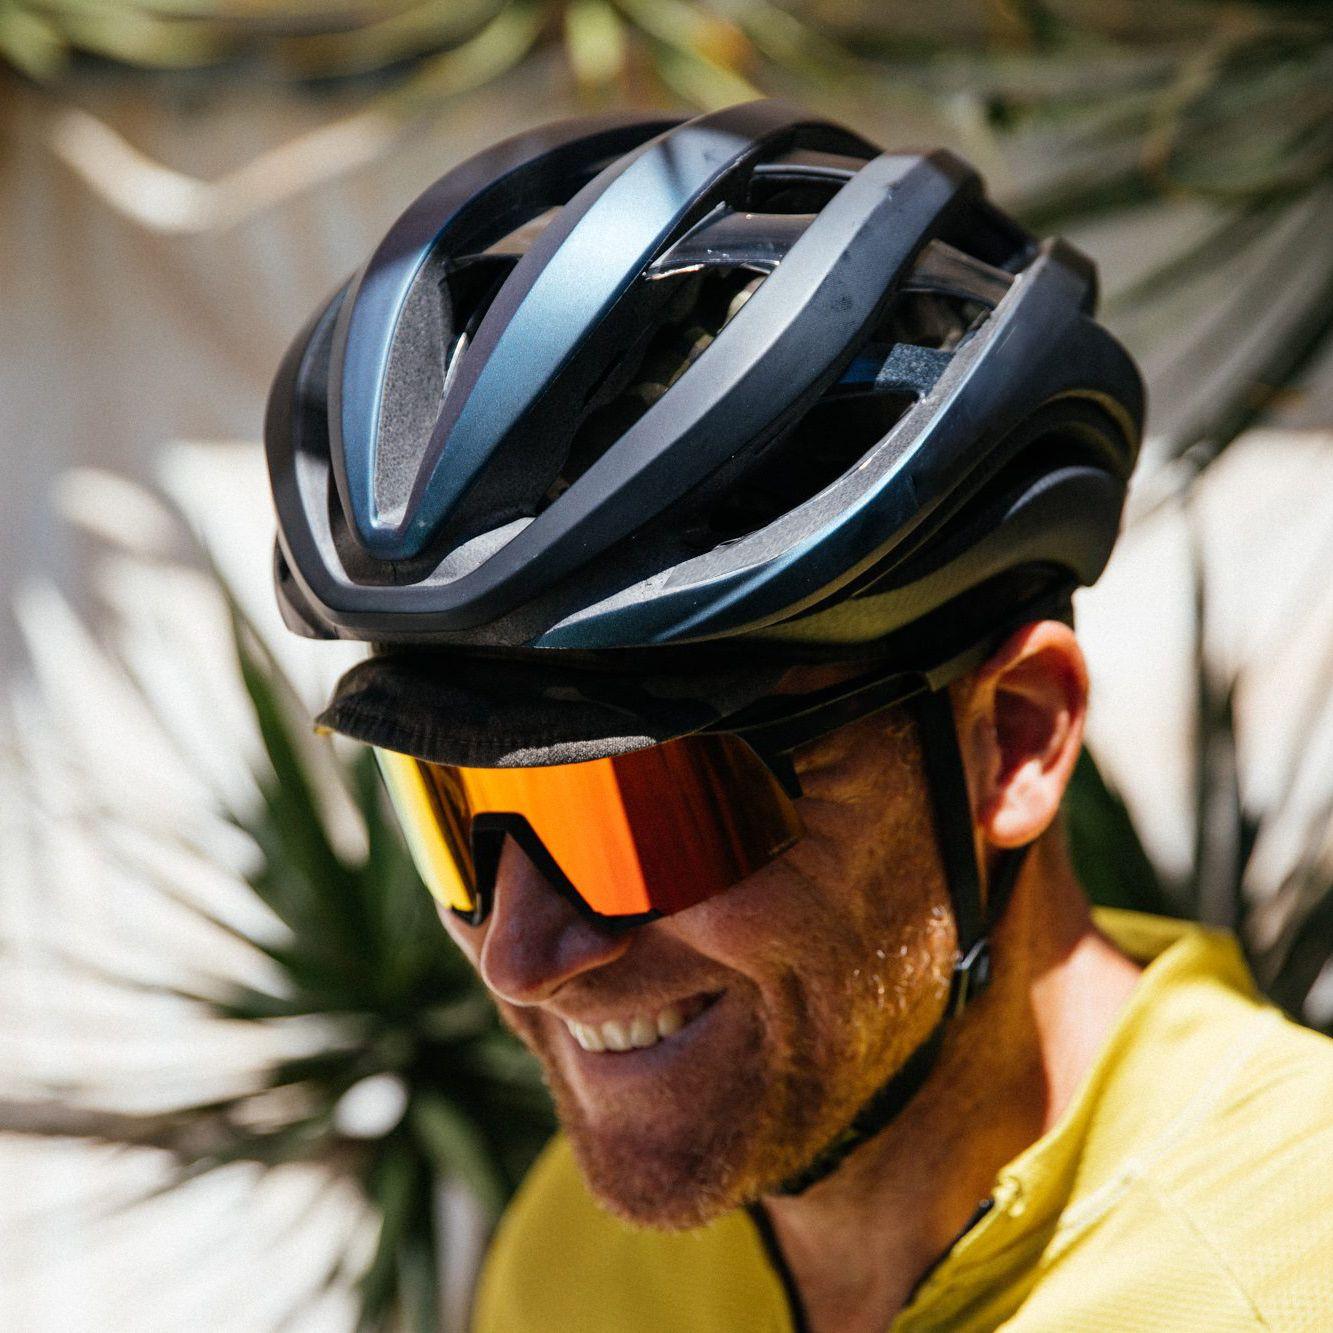 BRAND الأثير الطريق للدراجات خوذة سباق الدراجة الطريق الديناميكا الهوائية الرياح خوذة رجال الرياضة ايرو خوذة دراجة كاسكو Ciclismo